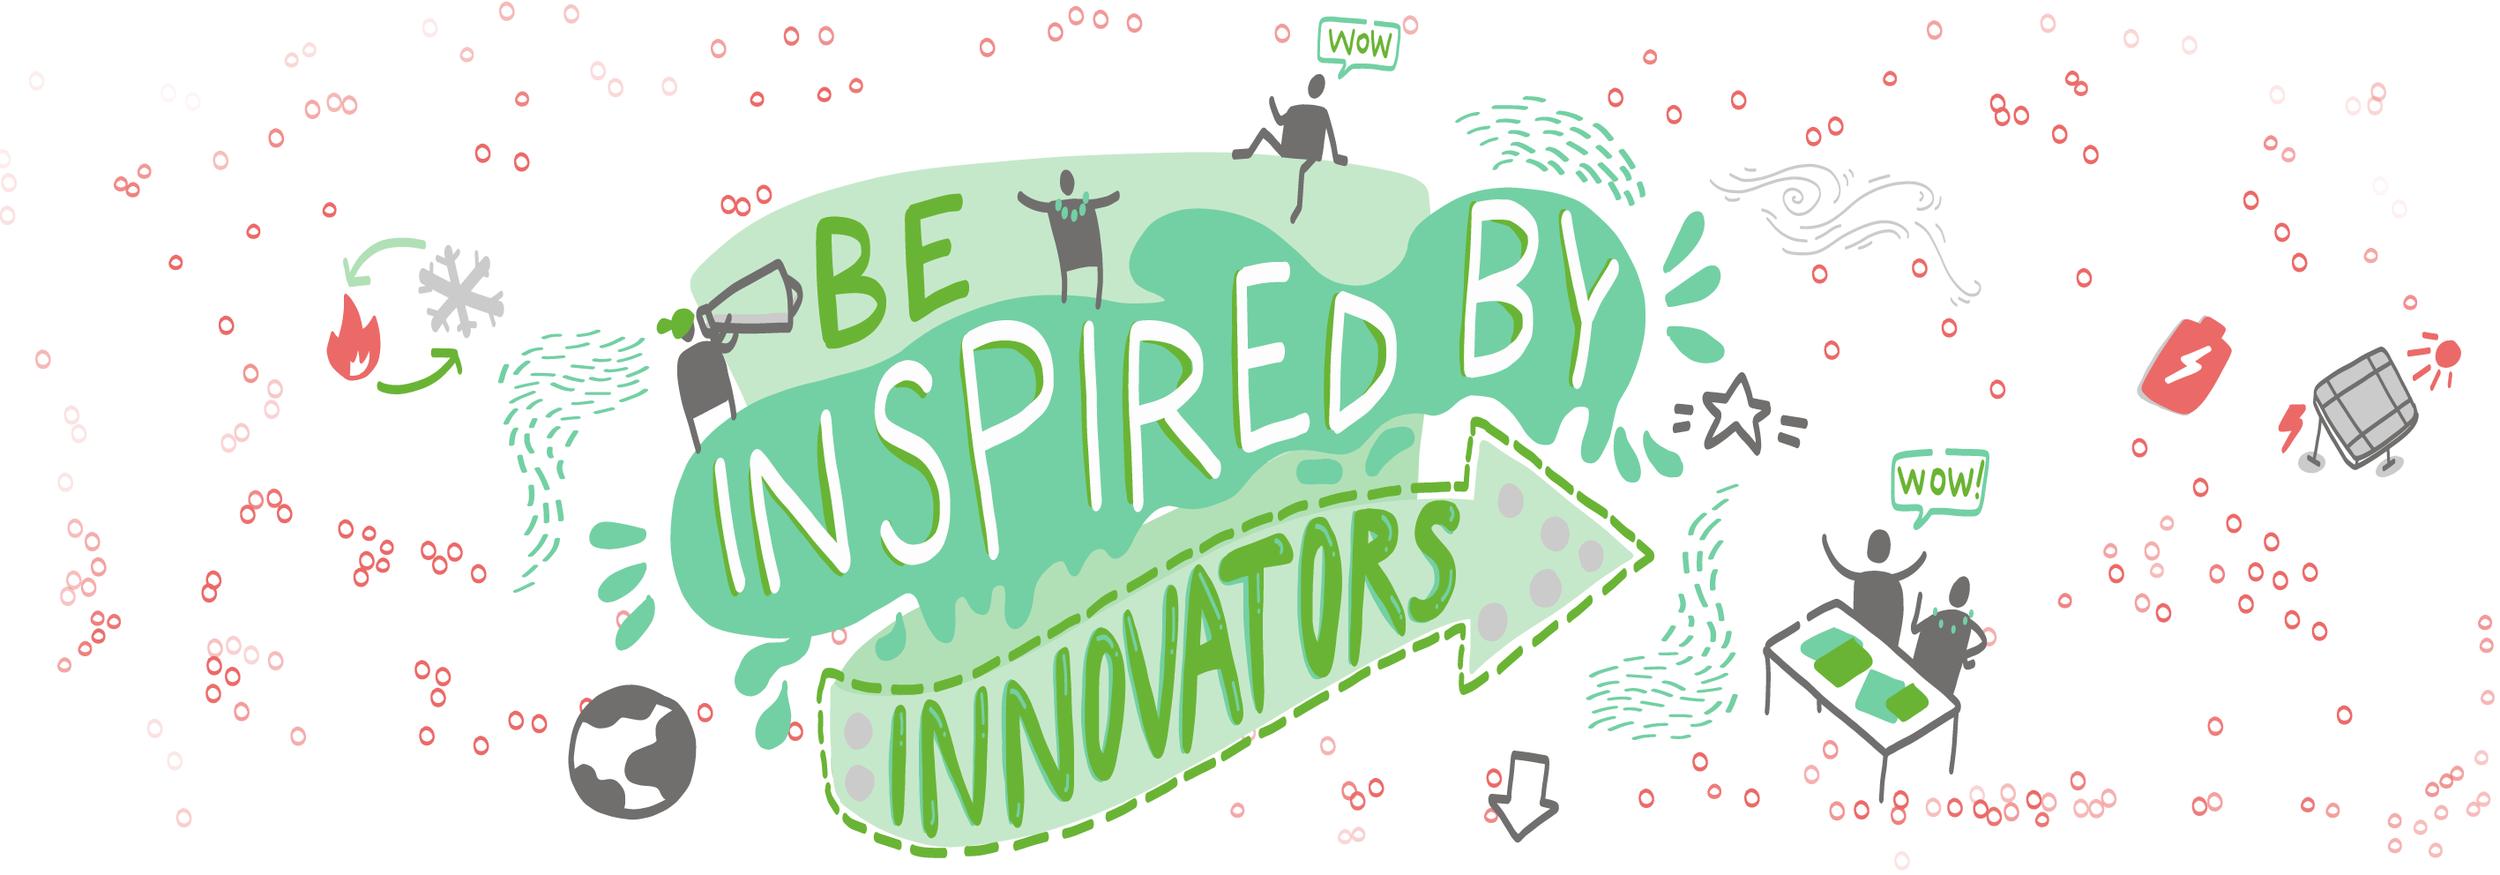 20190130-Inspirationslides-1.png